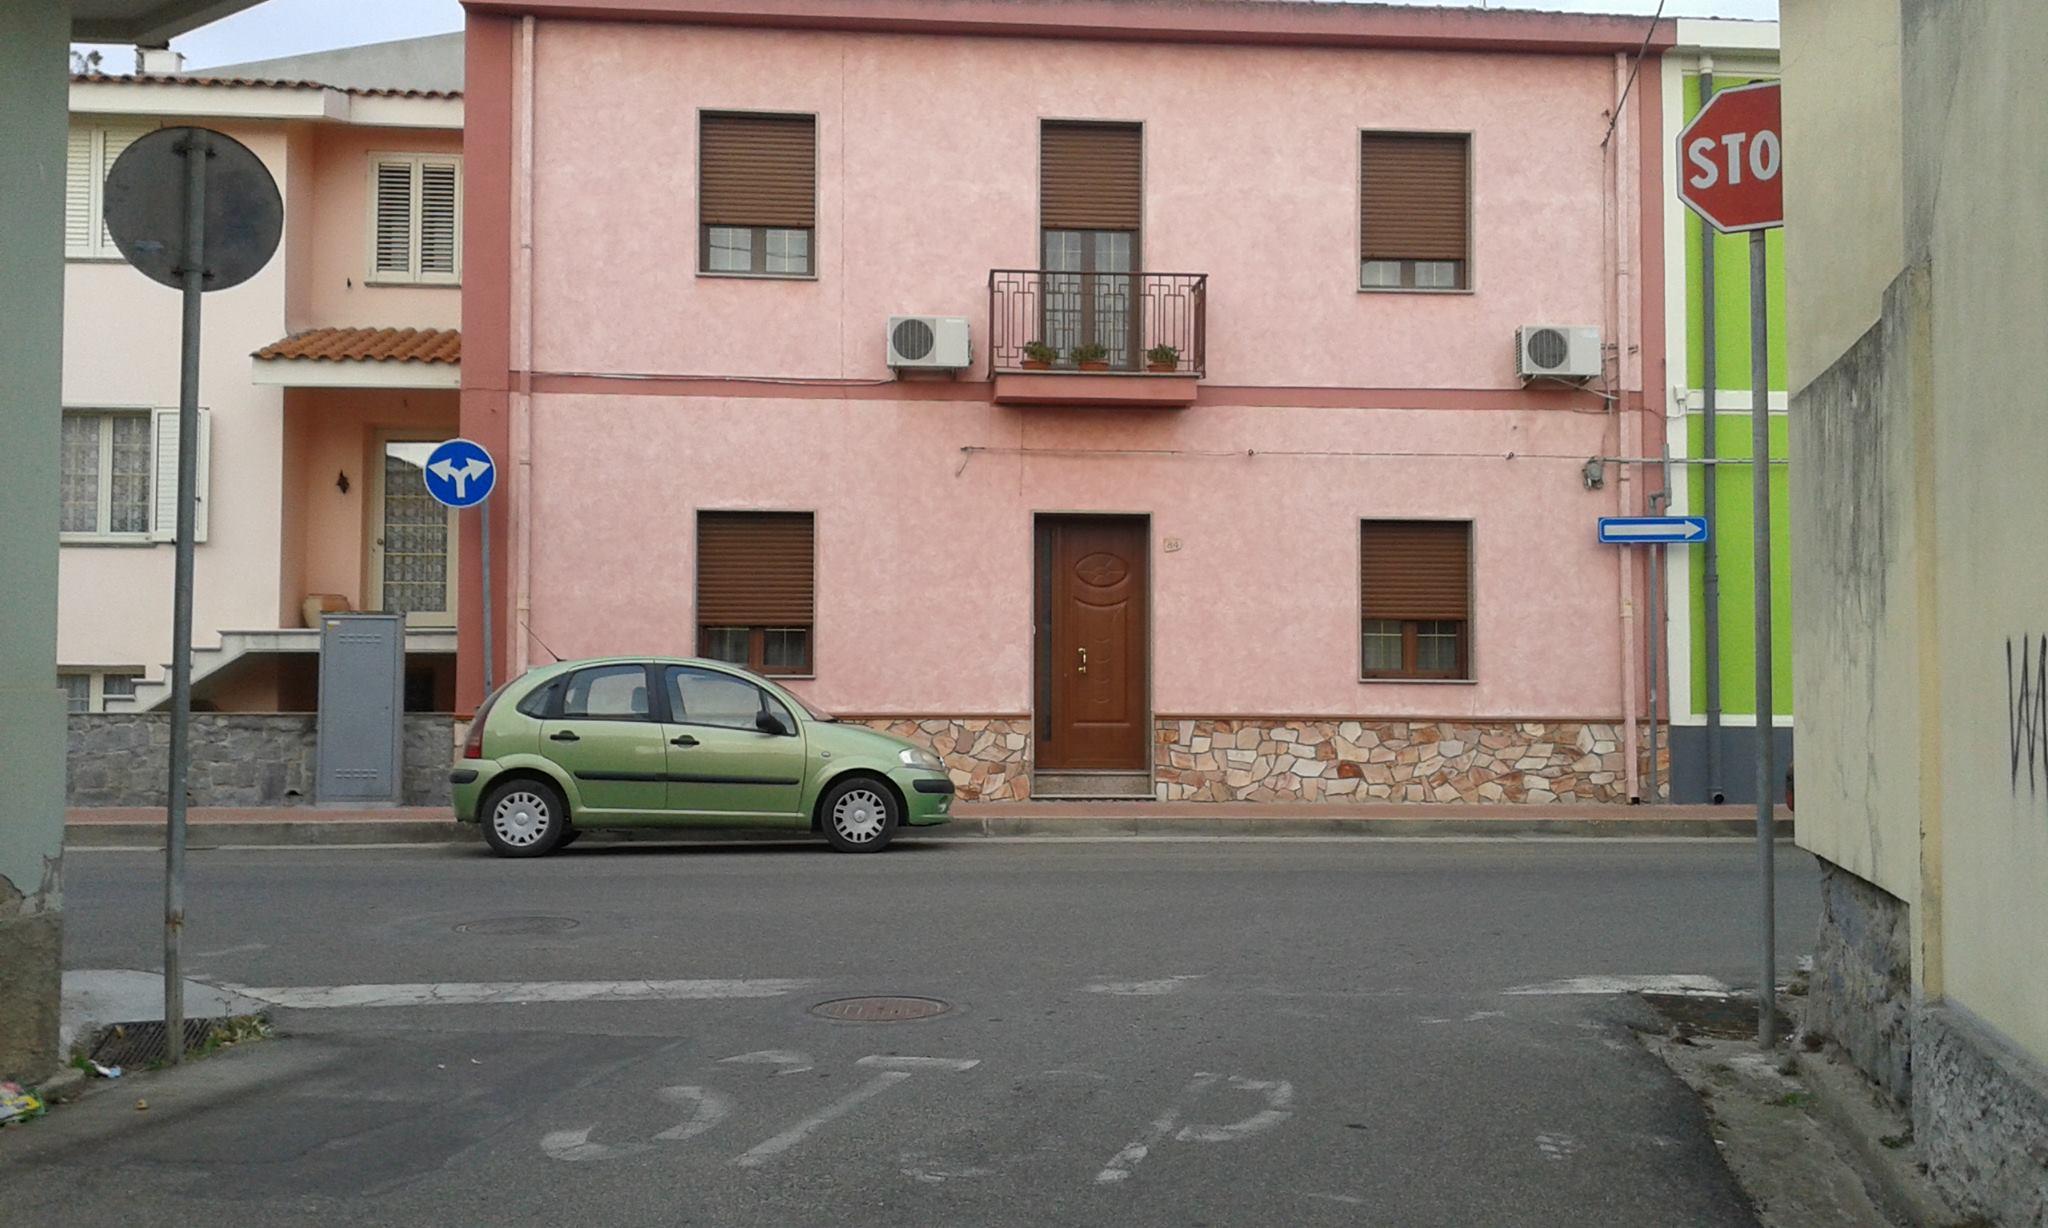 Via Sassari